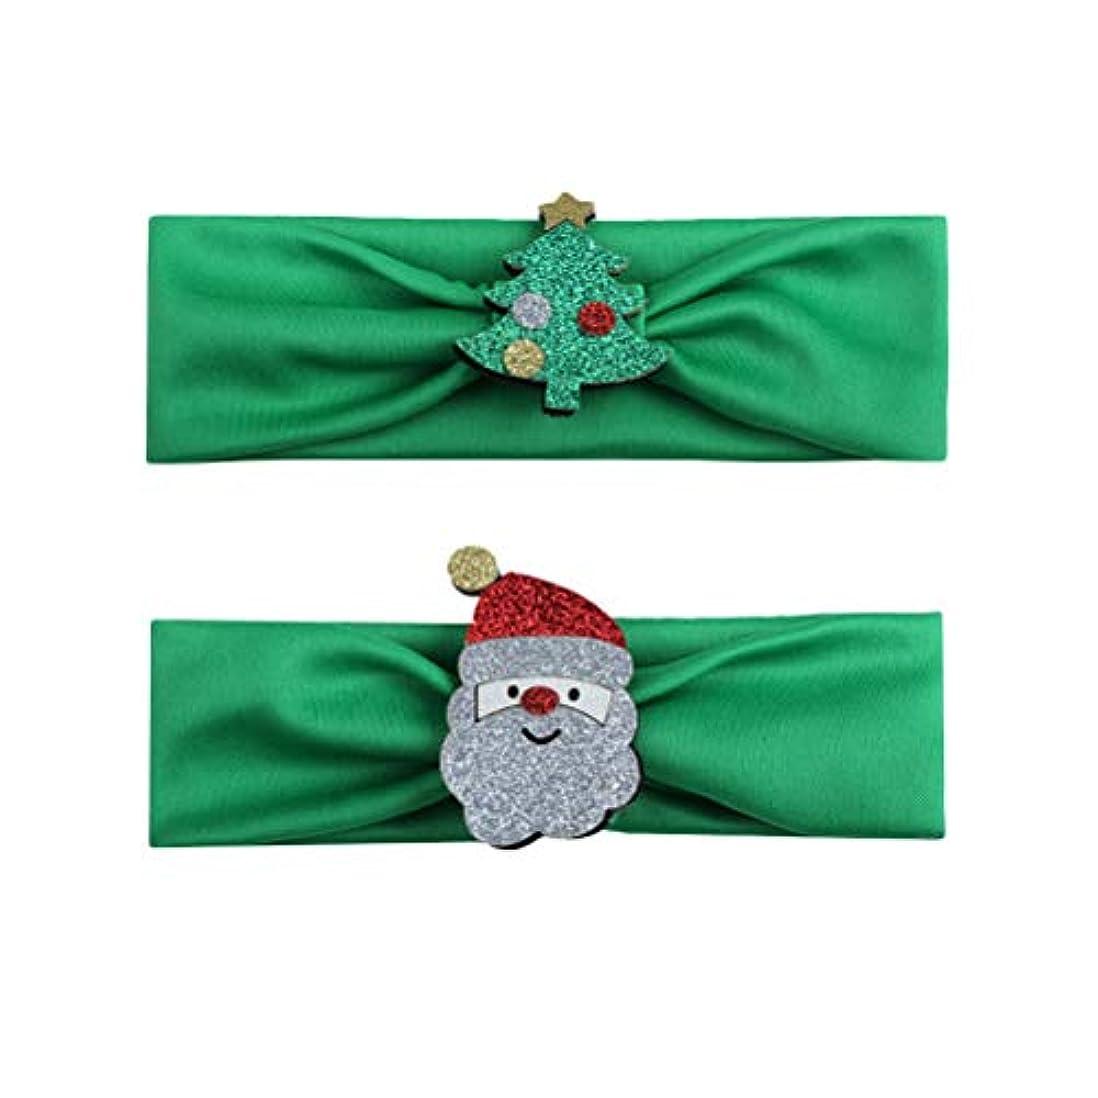 おもしろい乱雑な描くBESTOYARD 2本の赤ちゃんの少女クリスマスのヘッドバンド、クリスマスツリーサンタクロースの幼児ヘアバンドアクセサリー(グリーン)